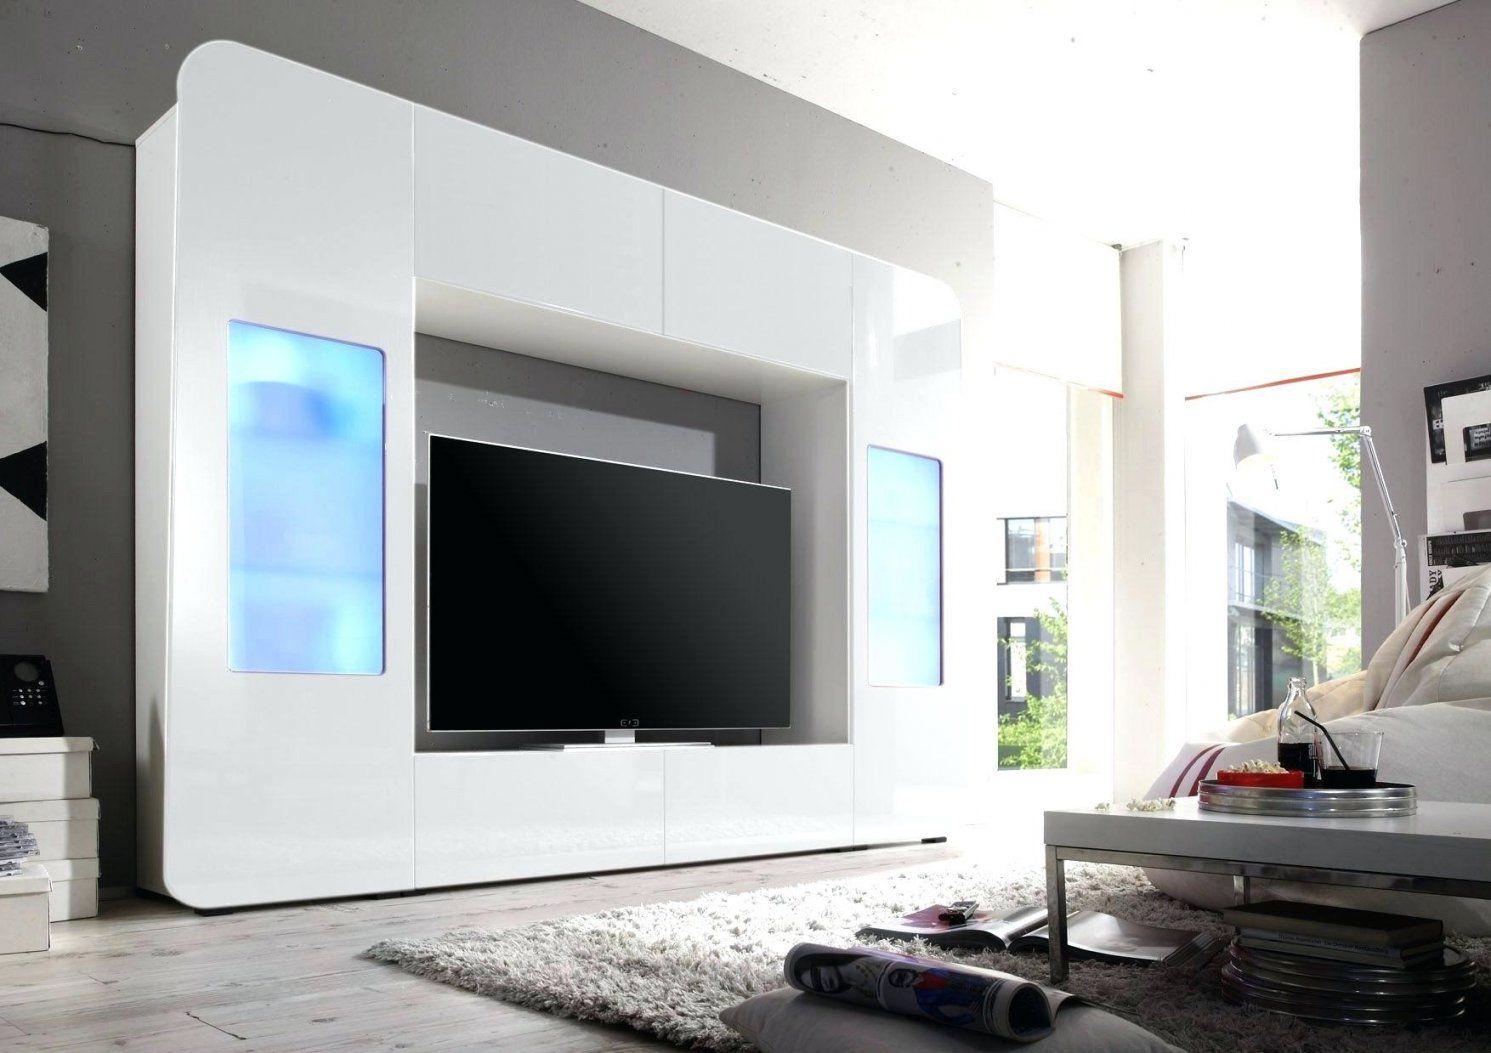 Wohnwand Ikea Beeindruckend Anbauwand Weiss Hochglanz Ka 1 4 Hl Auf von Wohnwand Weiß Hochglanz Ikea Bild